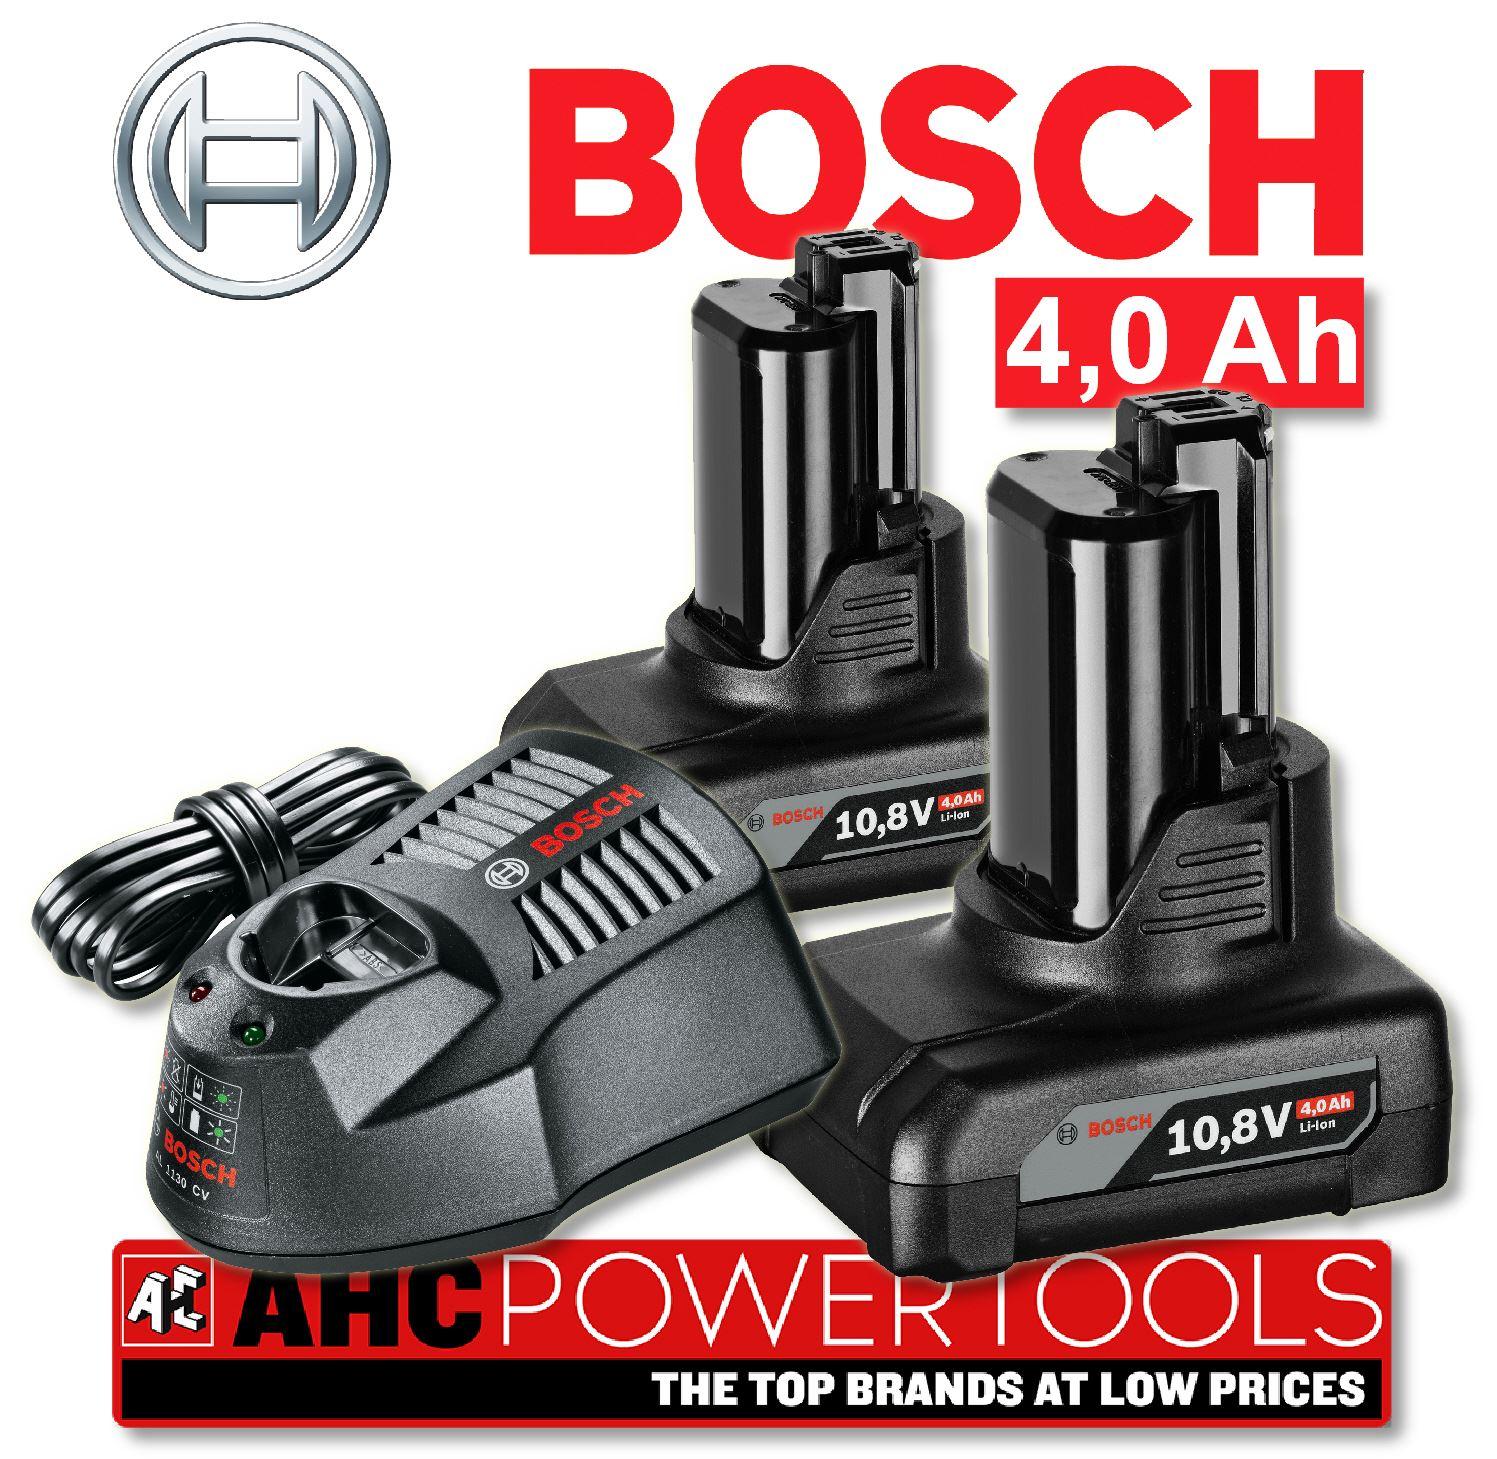 bosch gba 10 8v 4 0ah li ion batteries x 2 plus al1130cv charger set ebay. Black Bedroom Furniture Sets. Home Design Ideas